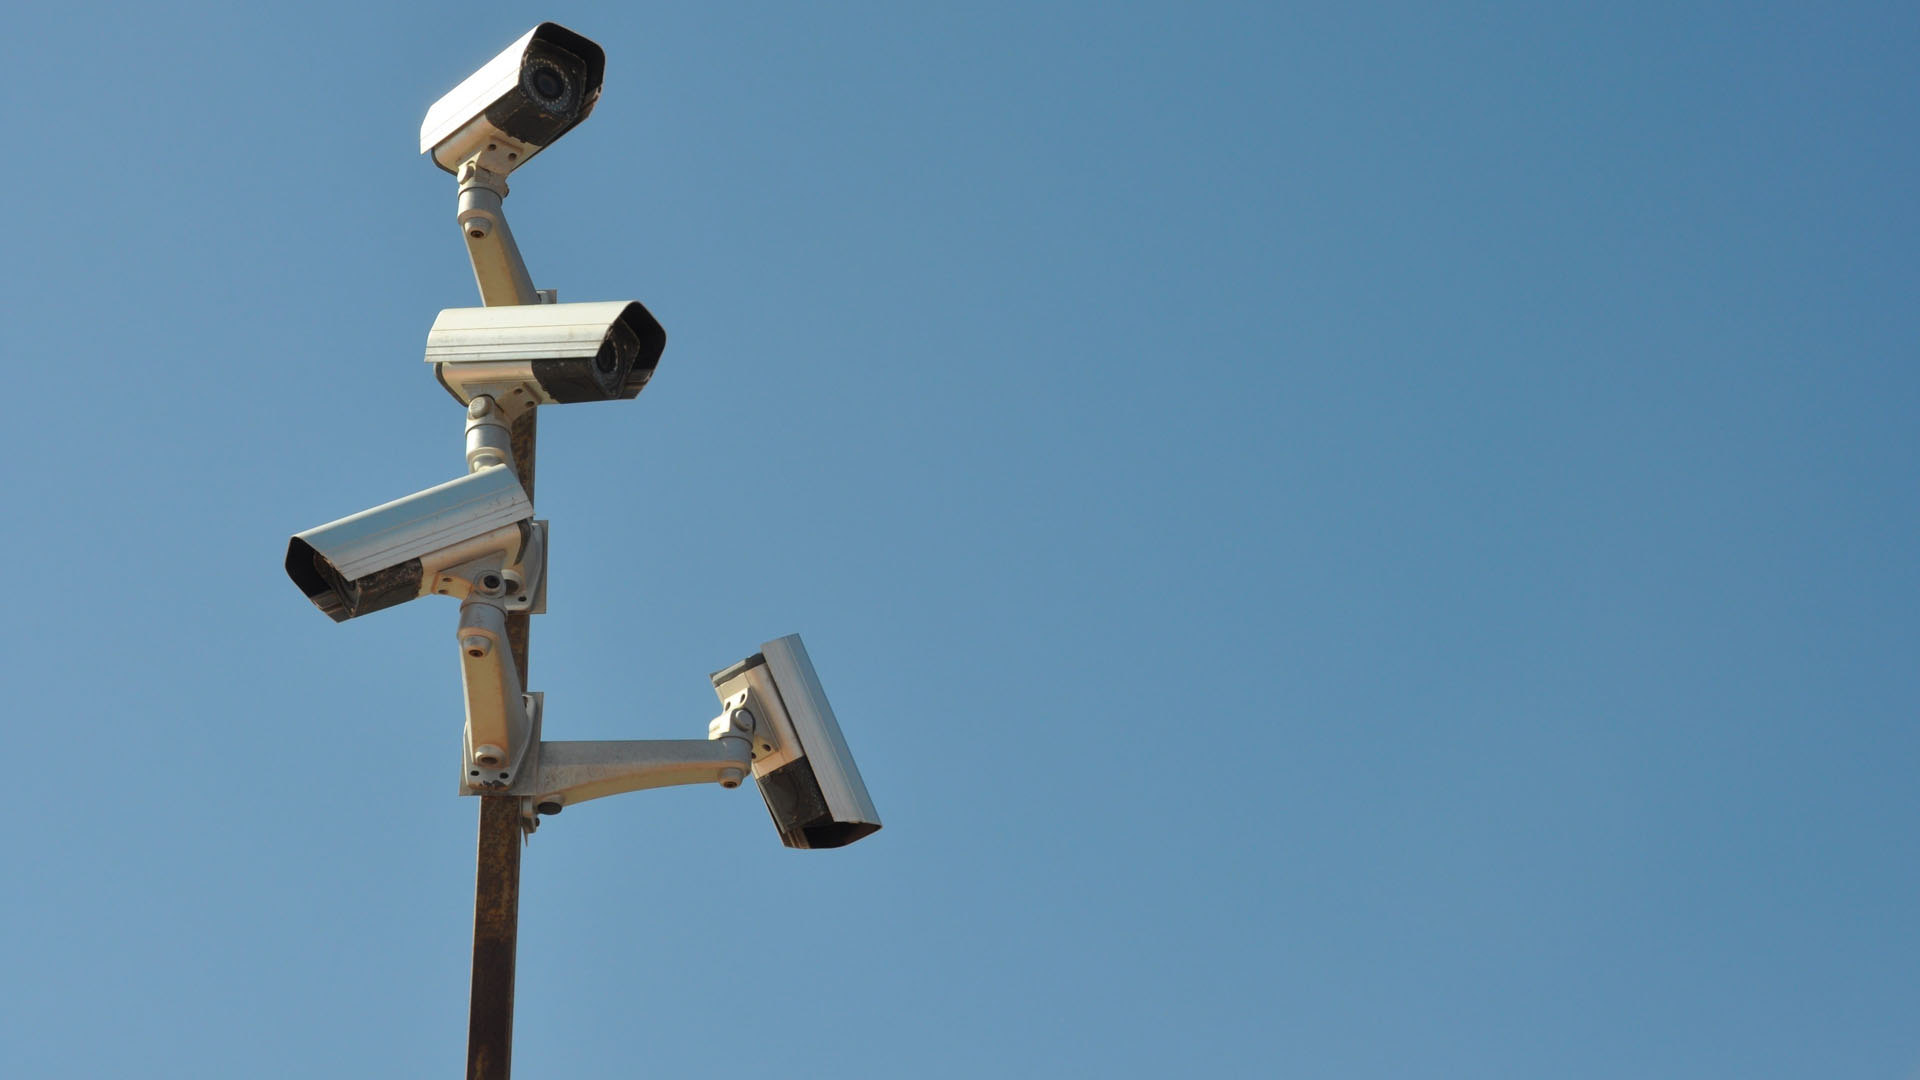 Urteil Verwaltungsgericht Mainz zur Videoüberwachung